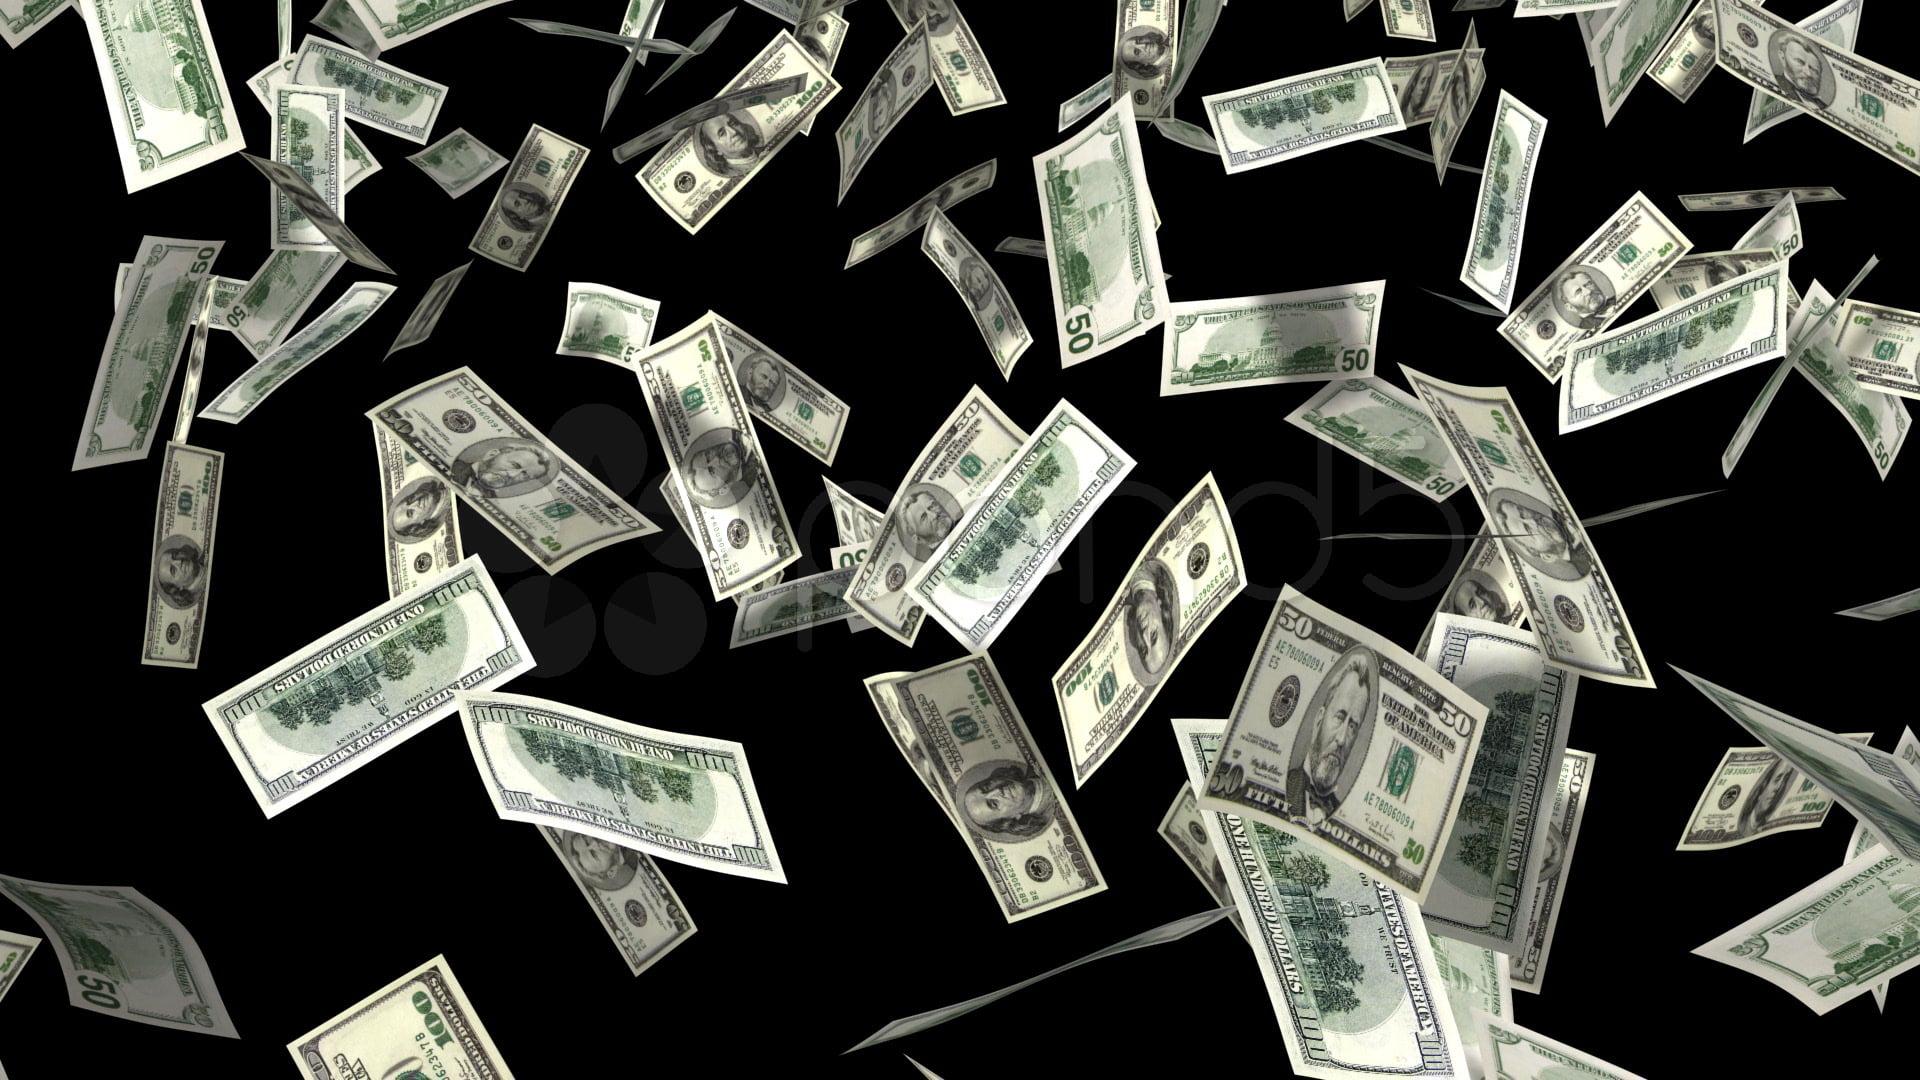 Deszcz pieniedzy